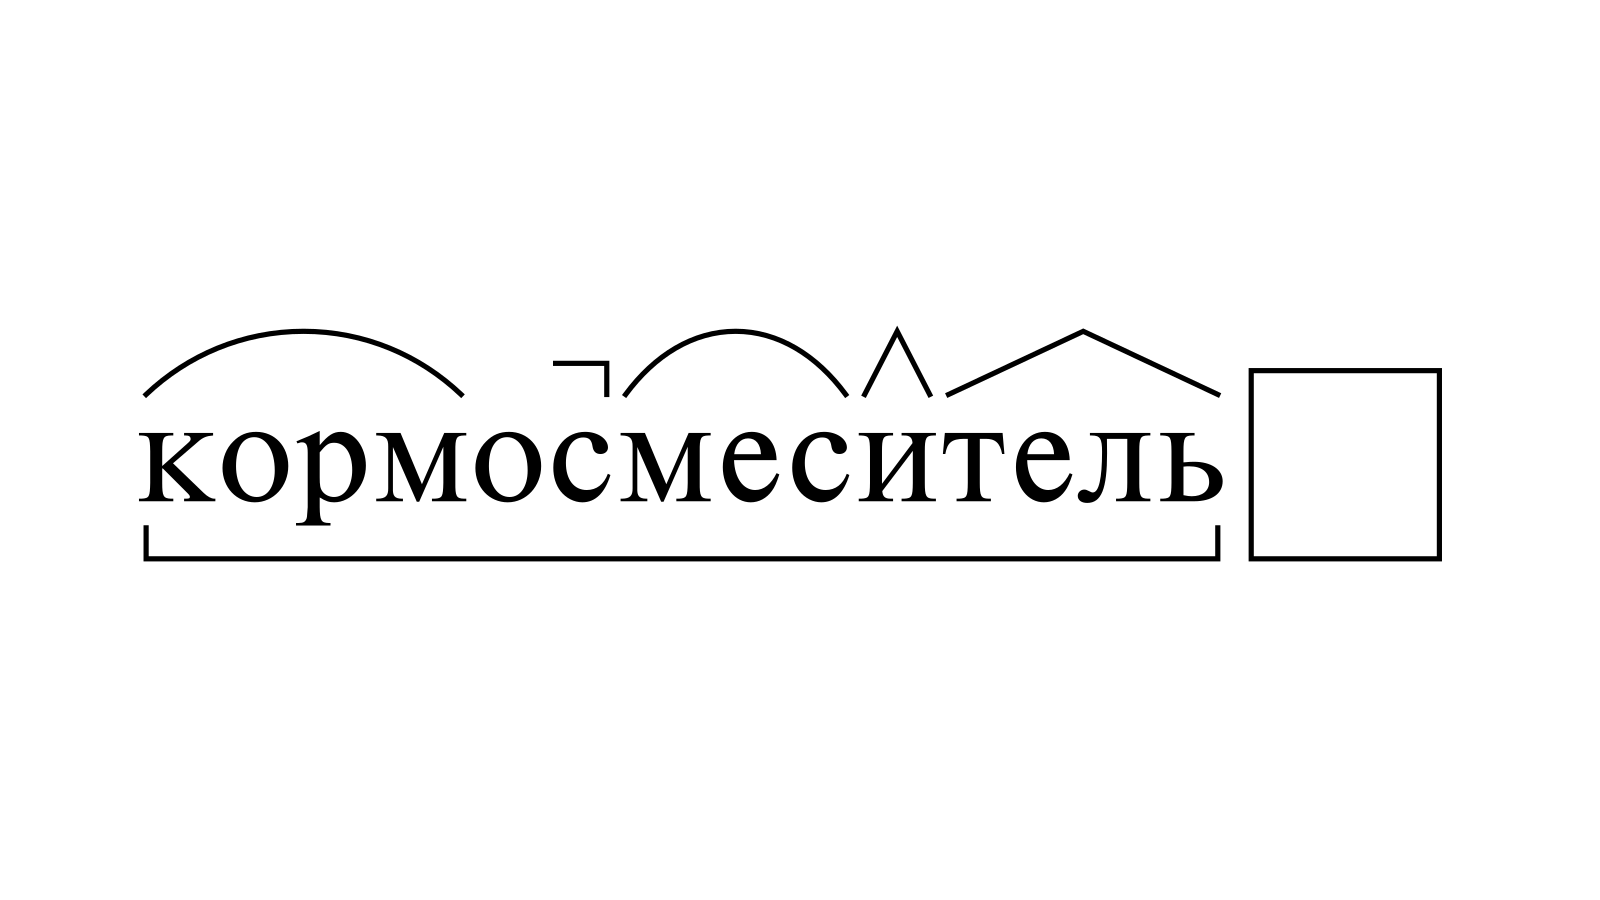 Разбор слова «кормосмеситель» по составу